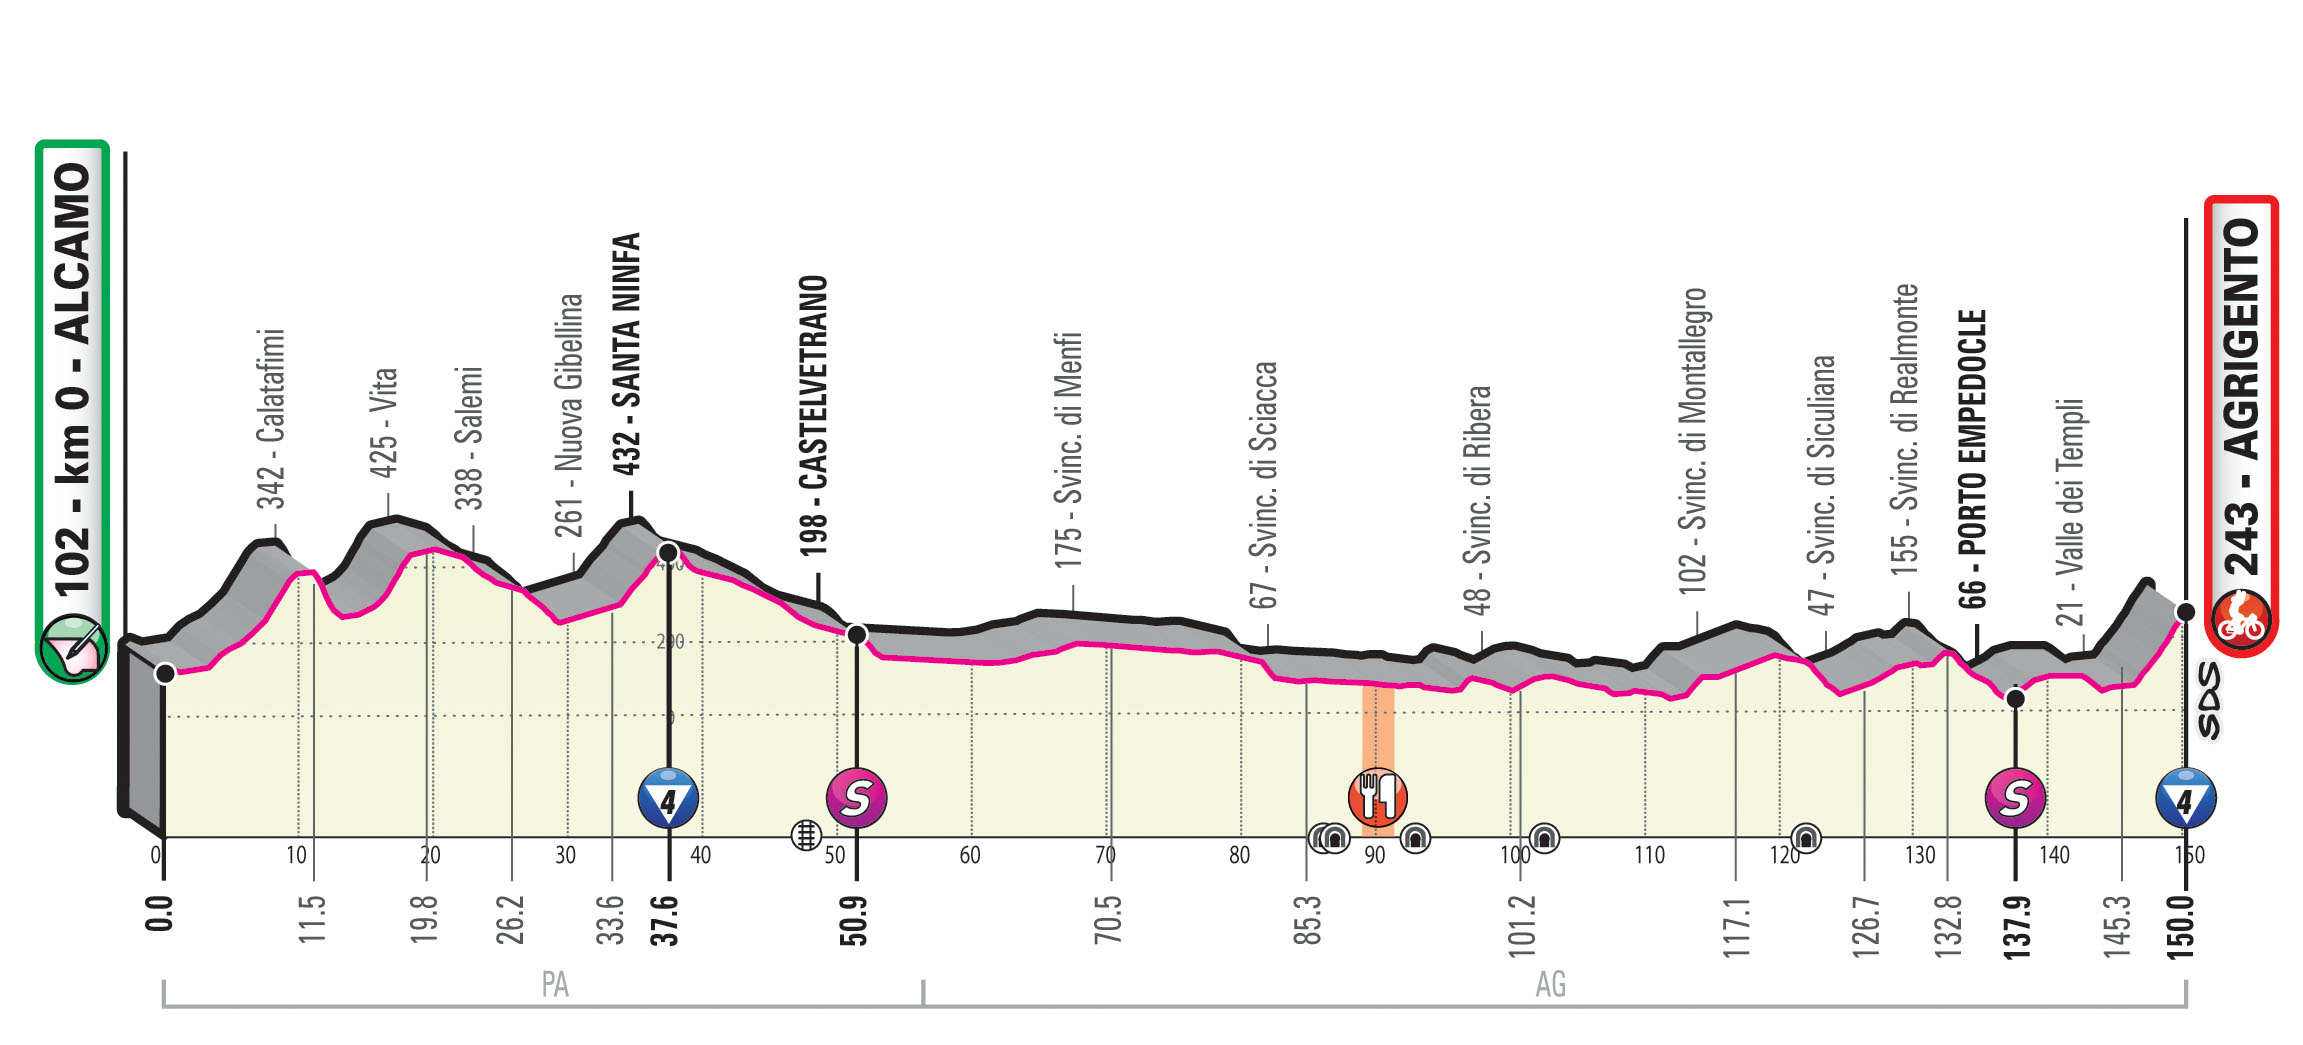 Giro 2020 etappe 2